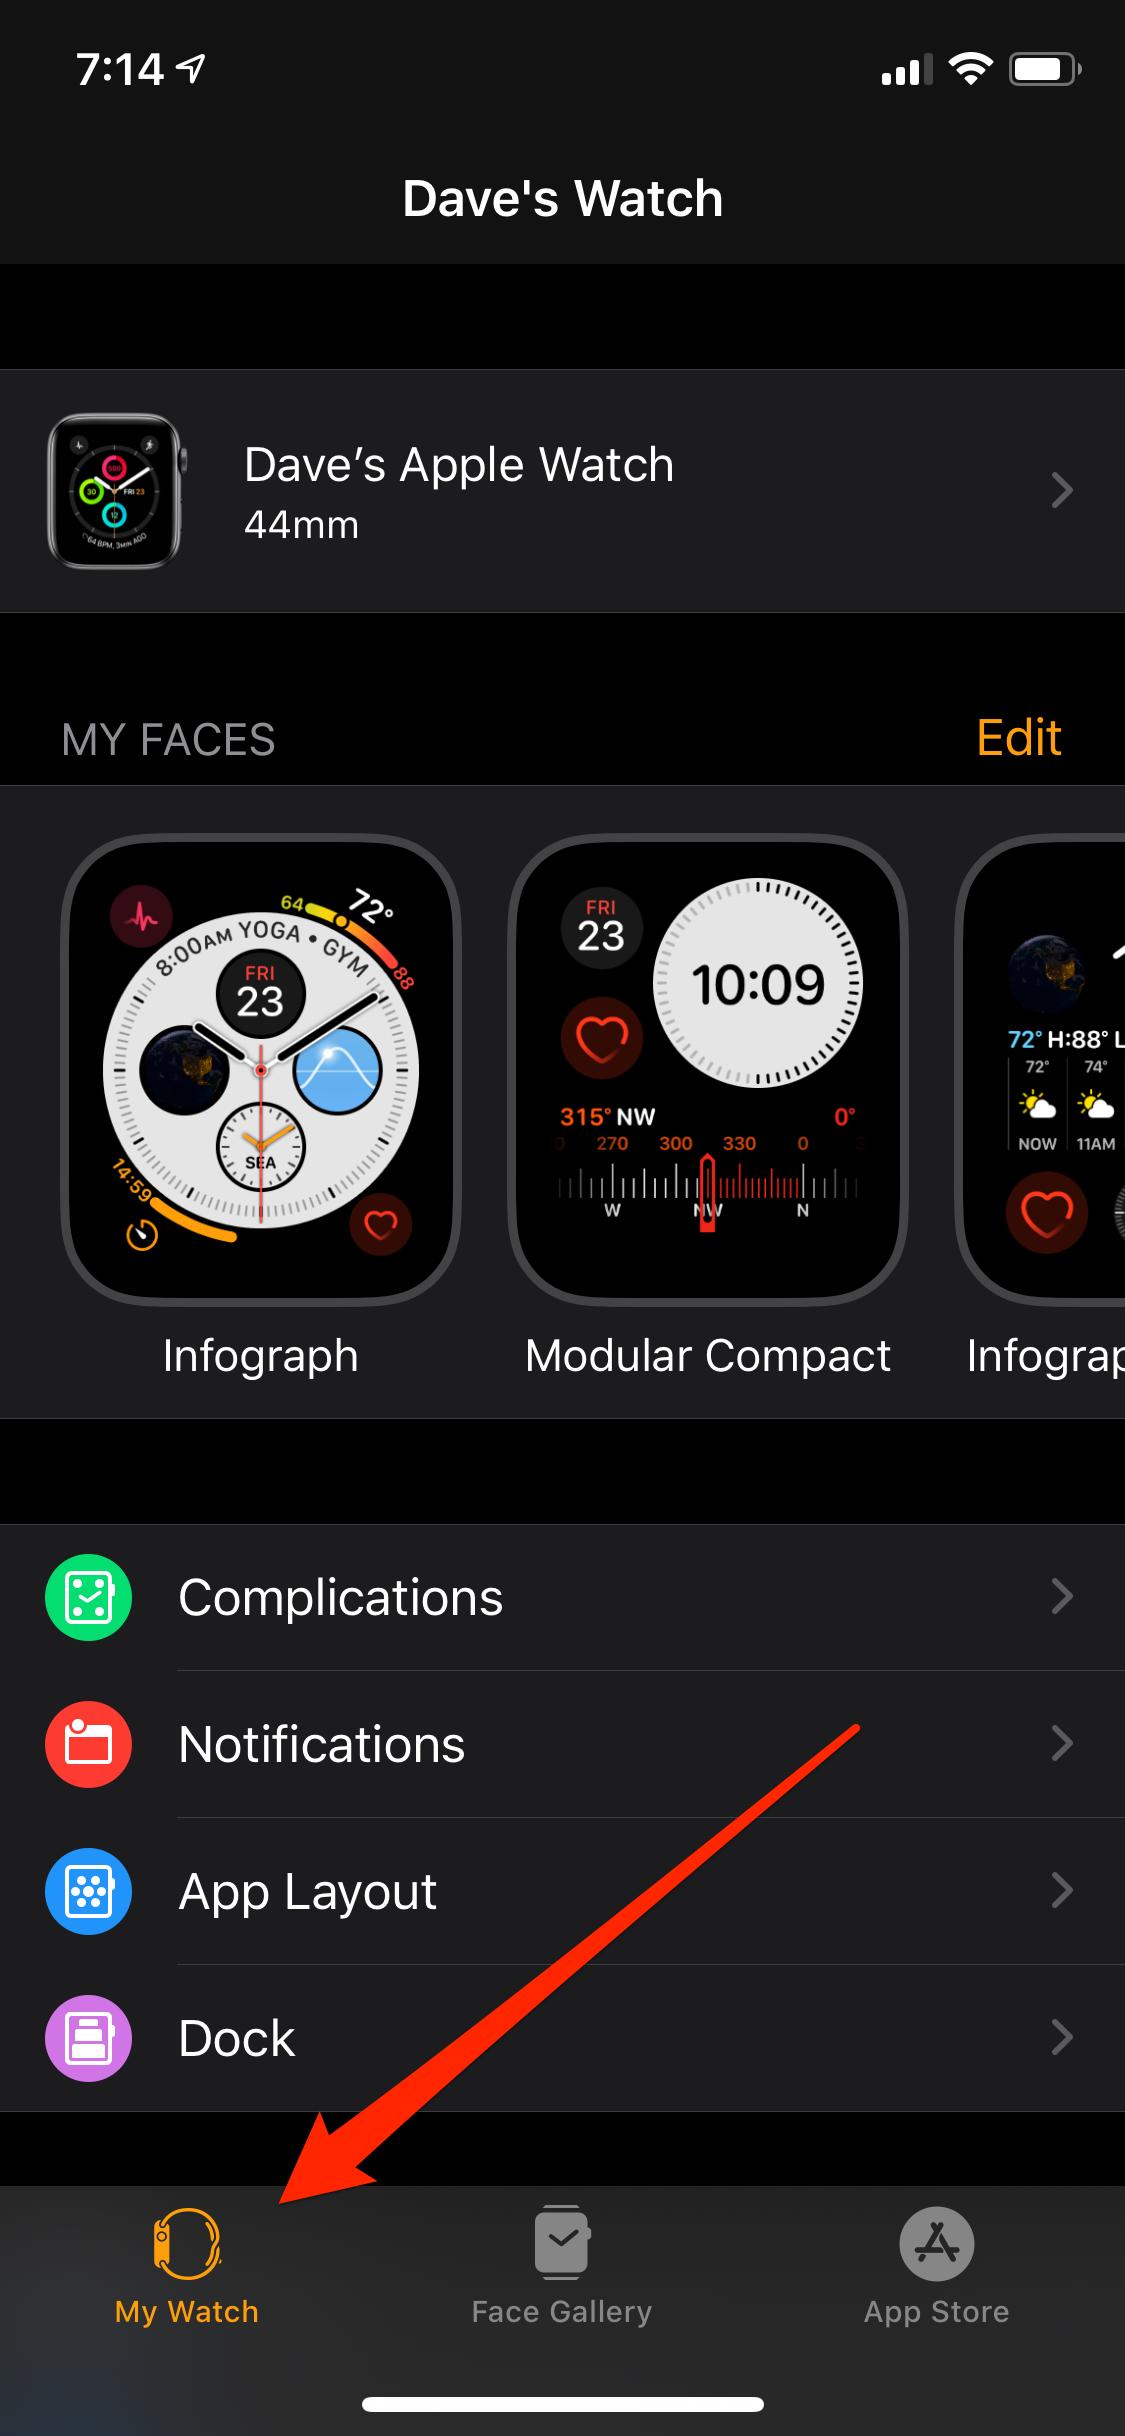 如何在iPhone上更改Apple Watch名称,以便更轻松地识别Apple Watch